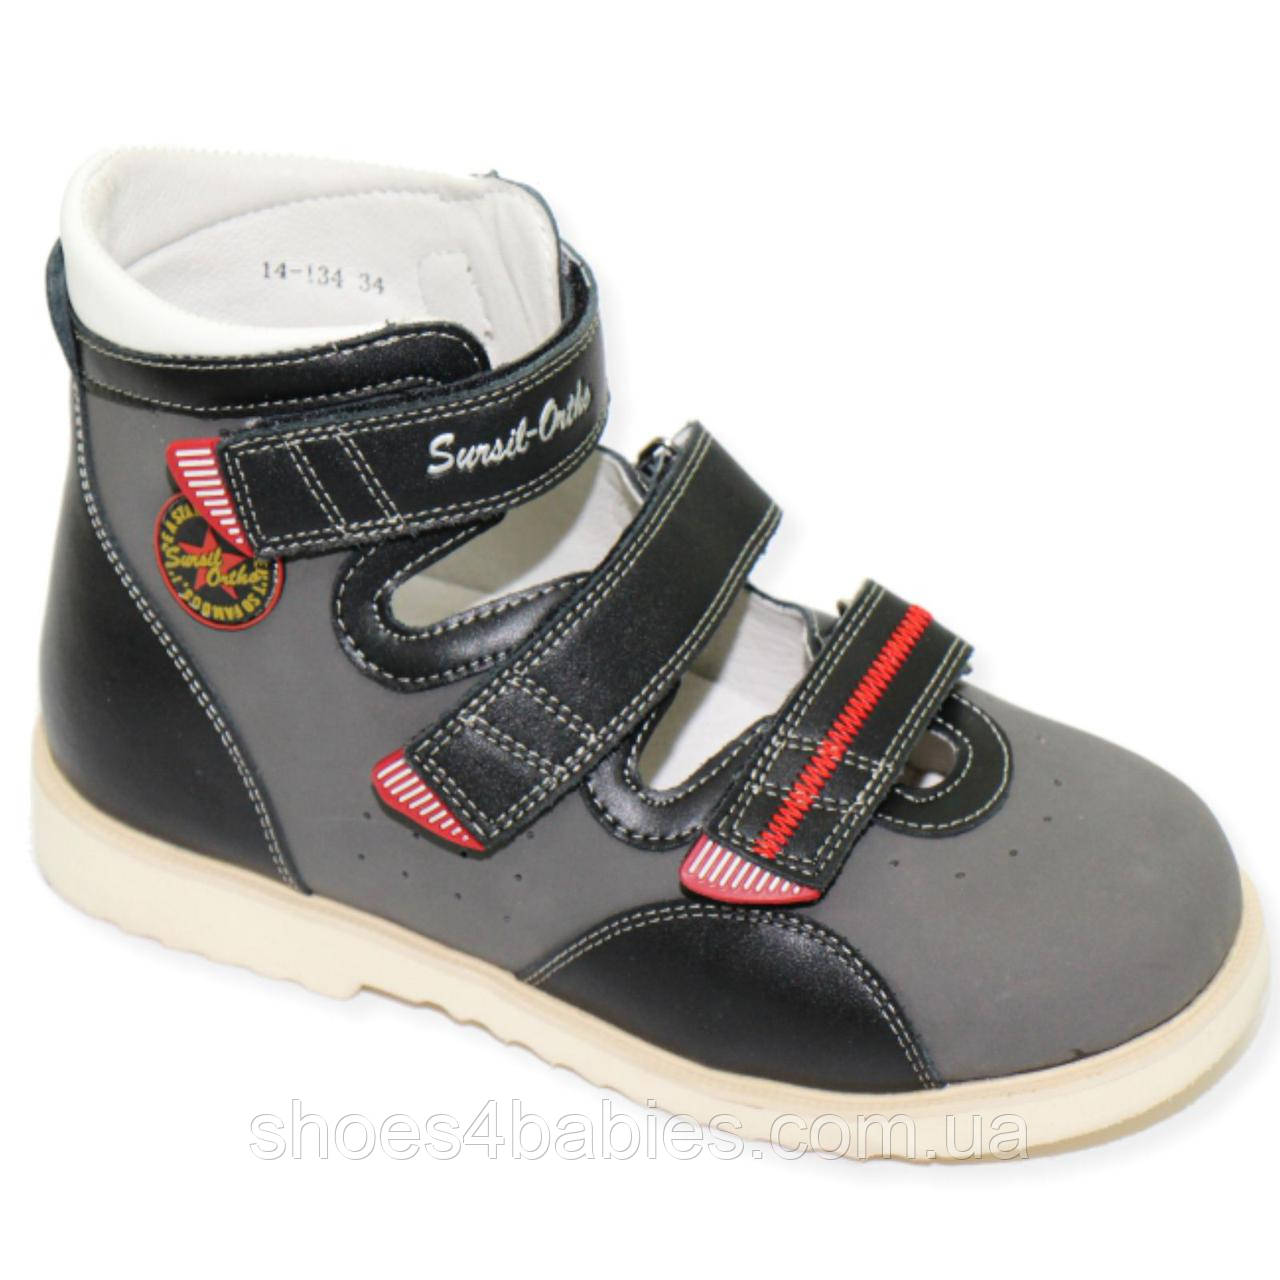 Ортопедические туфли для мальчиков р. 29-35   продажа d3316c5f9deca